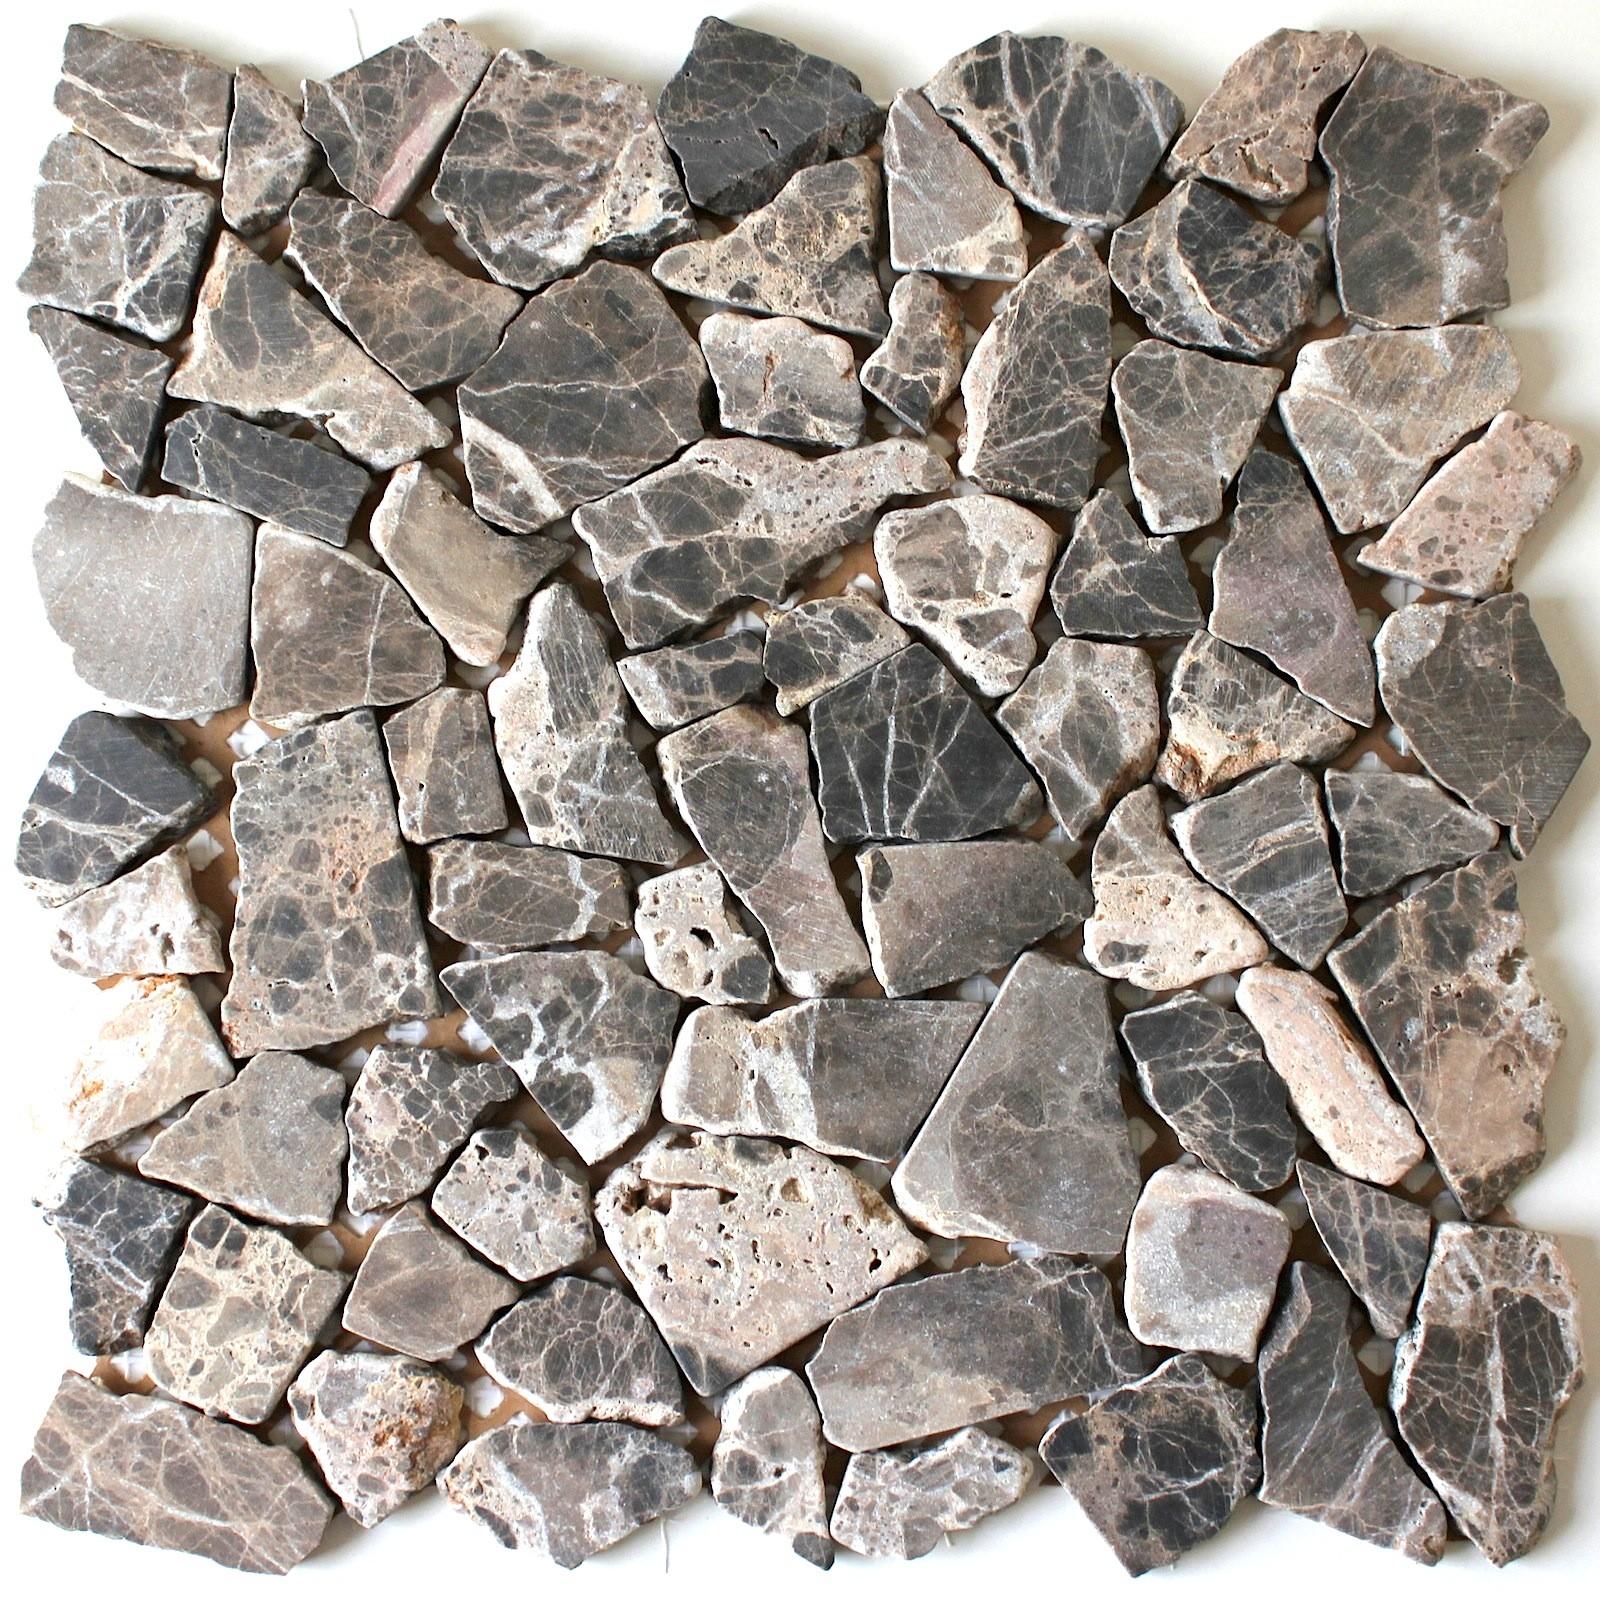 Carrelage En Galets Salle De Bain galets en pierre special sol sygma gris - carrelage-mosaique